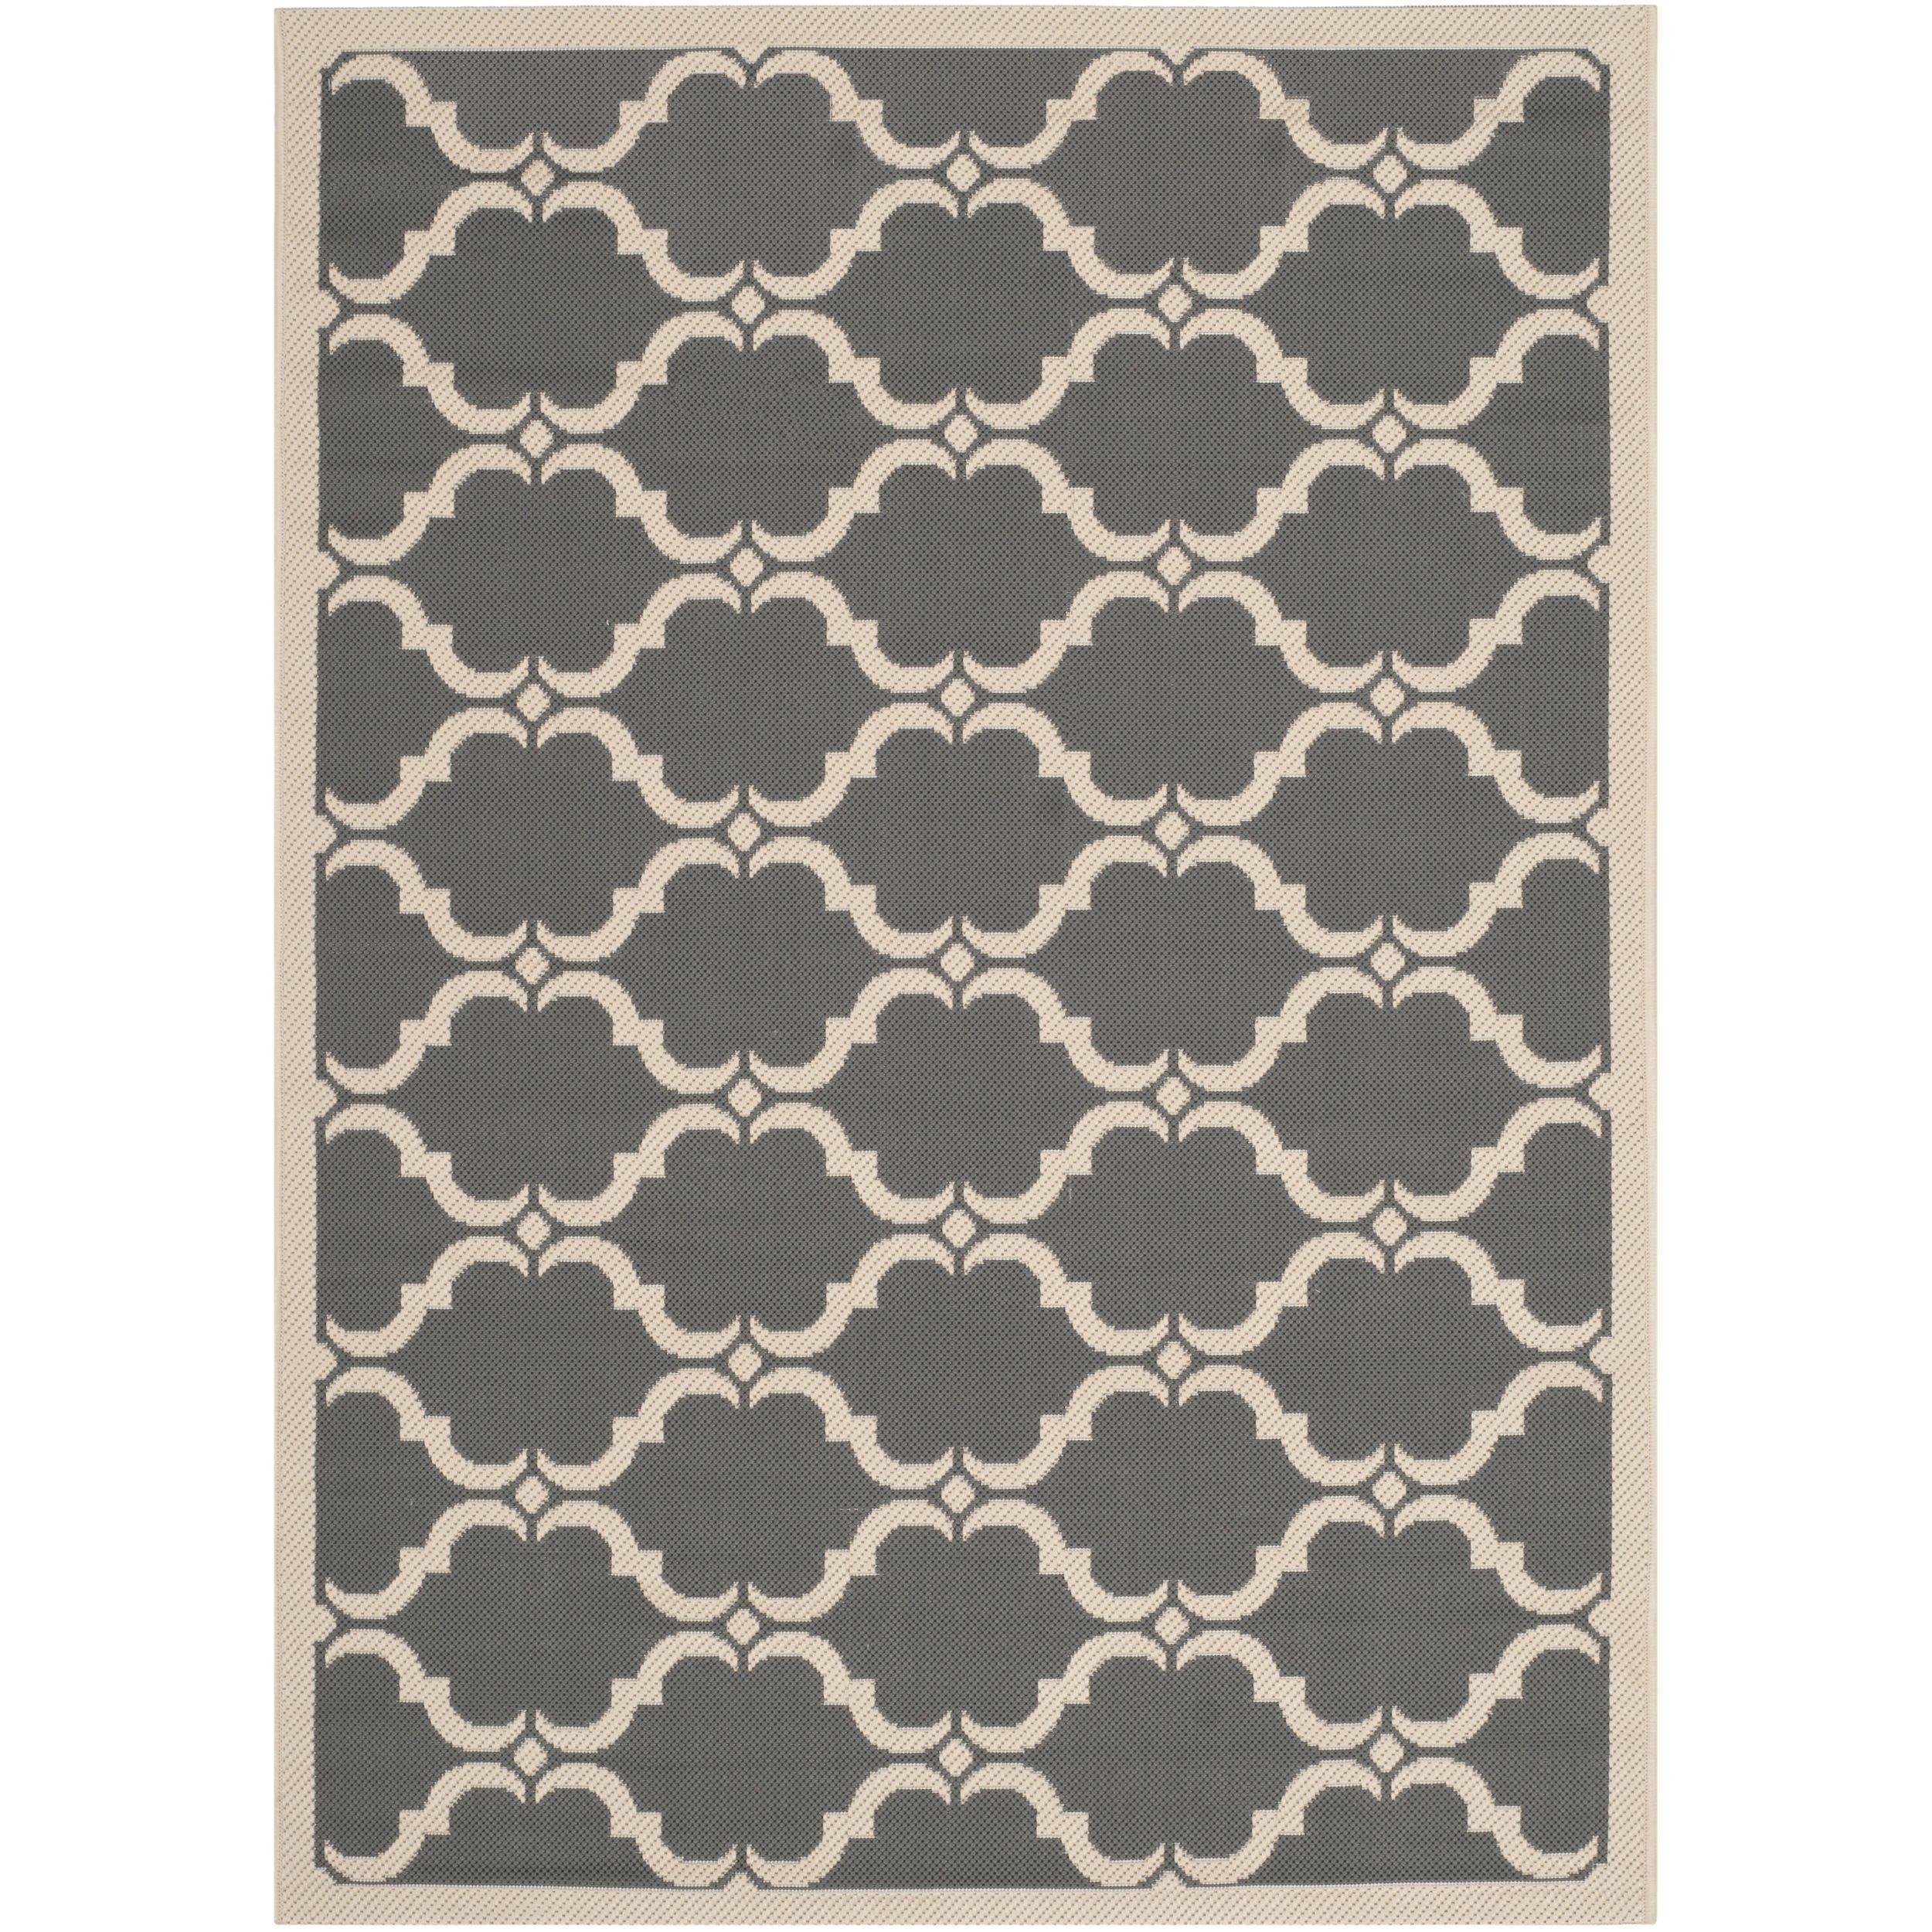 Safavieh Indoor/ Outdoor Moroccan Courtyard Anthracite/ Beige Rug (4' x 5'7) (CY6009-246-4), Grey (Olefin, Geometric)